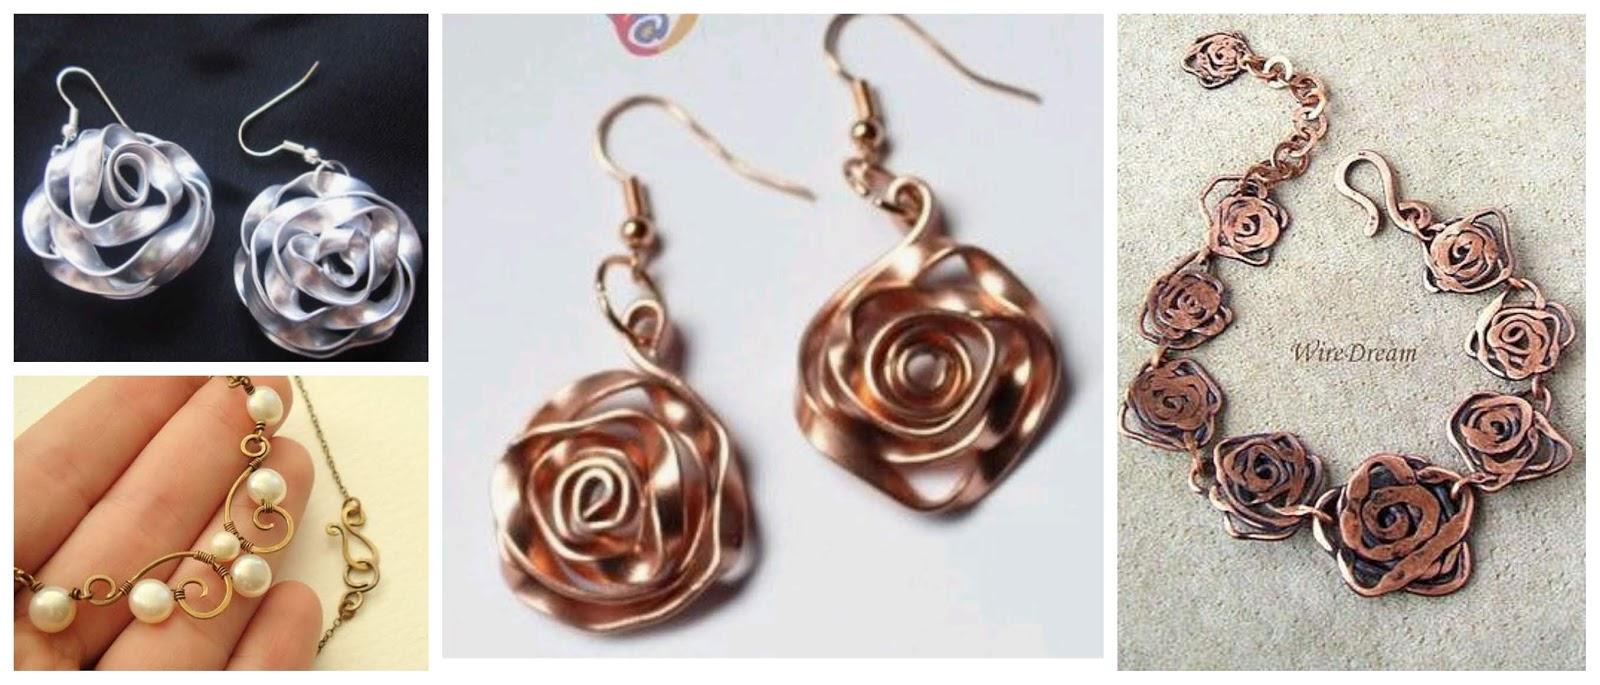 a9644ac8cdcd Aprende cómo hacer rosas para aretes y collares usando alambre plano